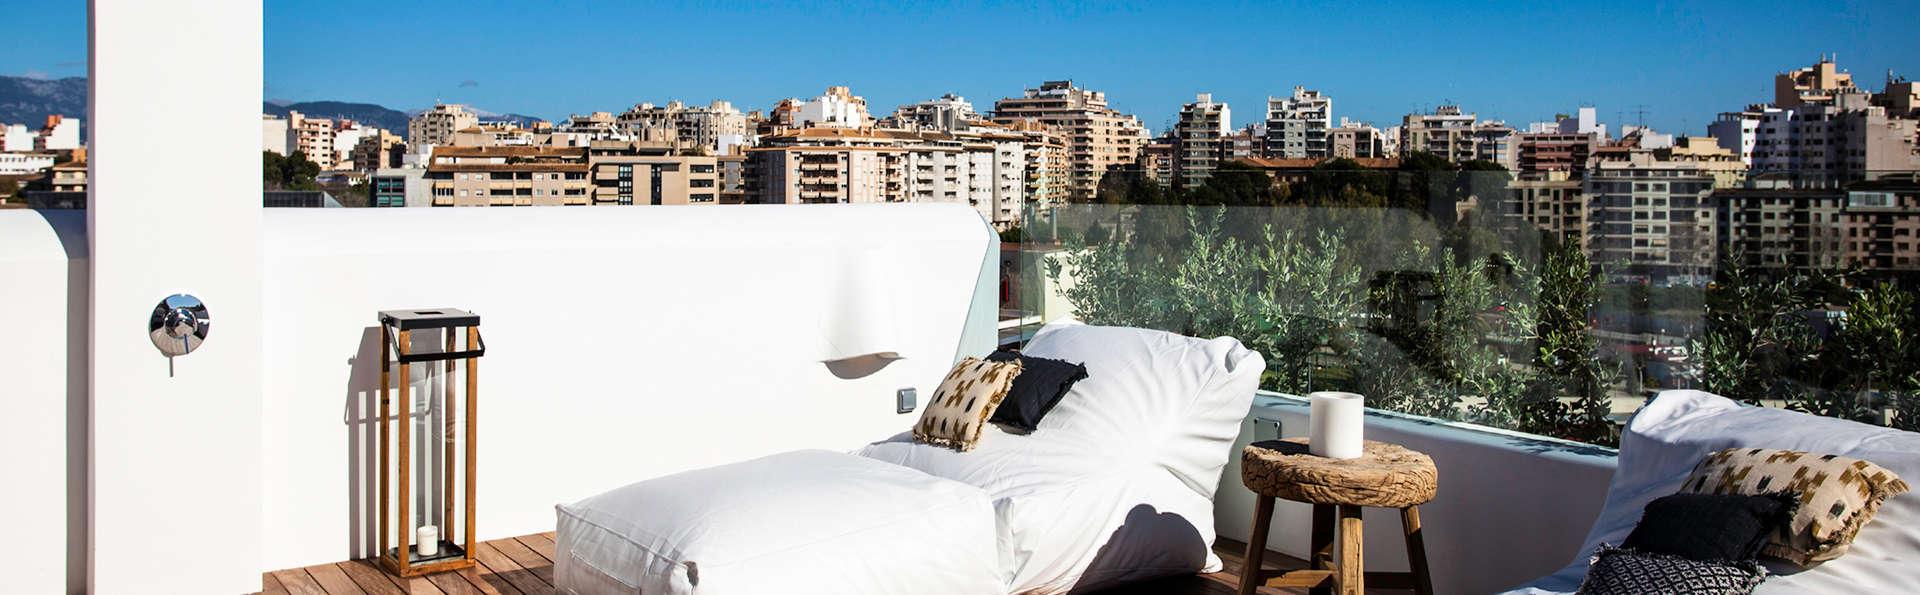 Escapada Romántica en Palma de Mallorca. Diseño, Mediterráneo y Slowlife